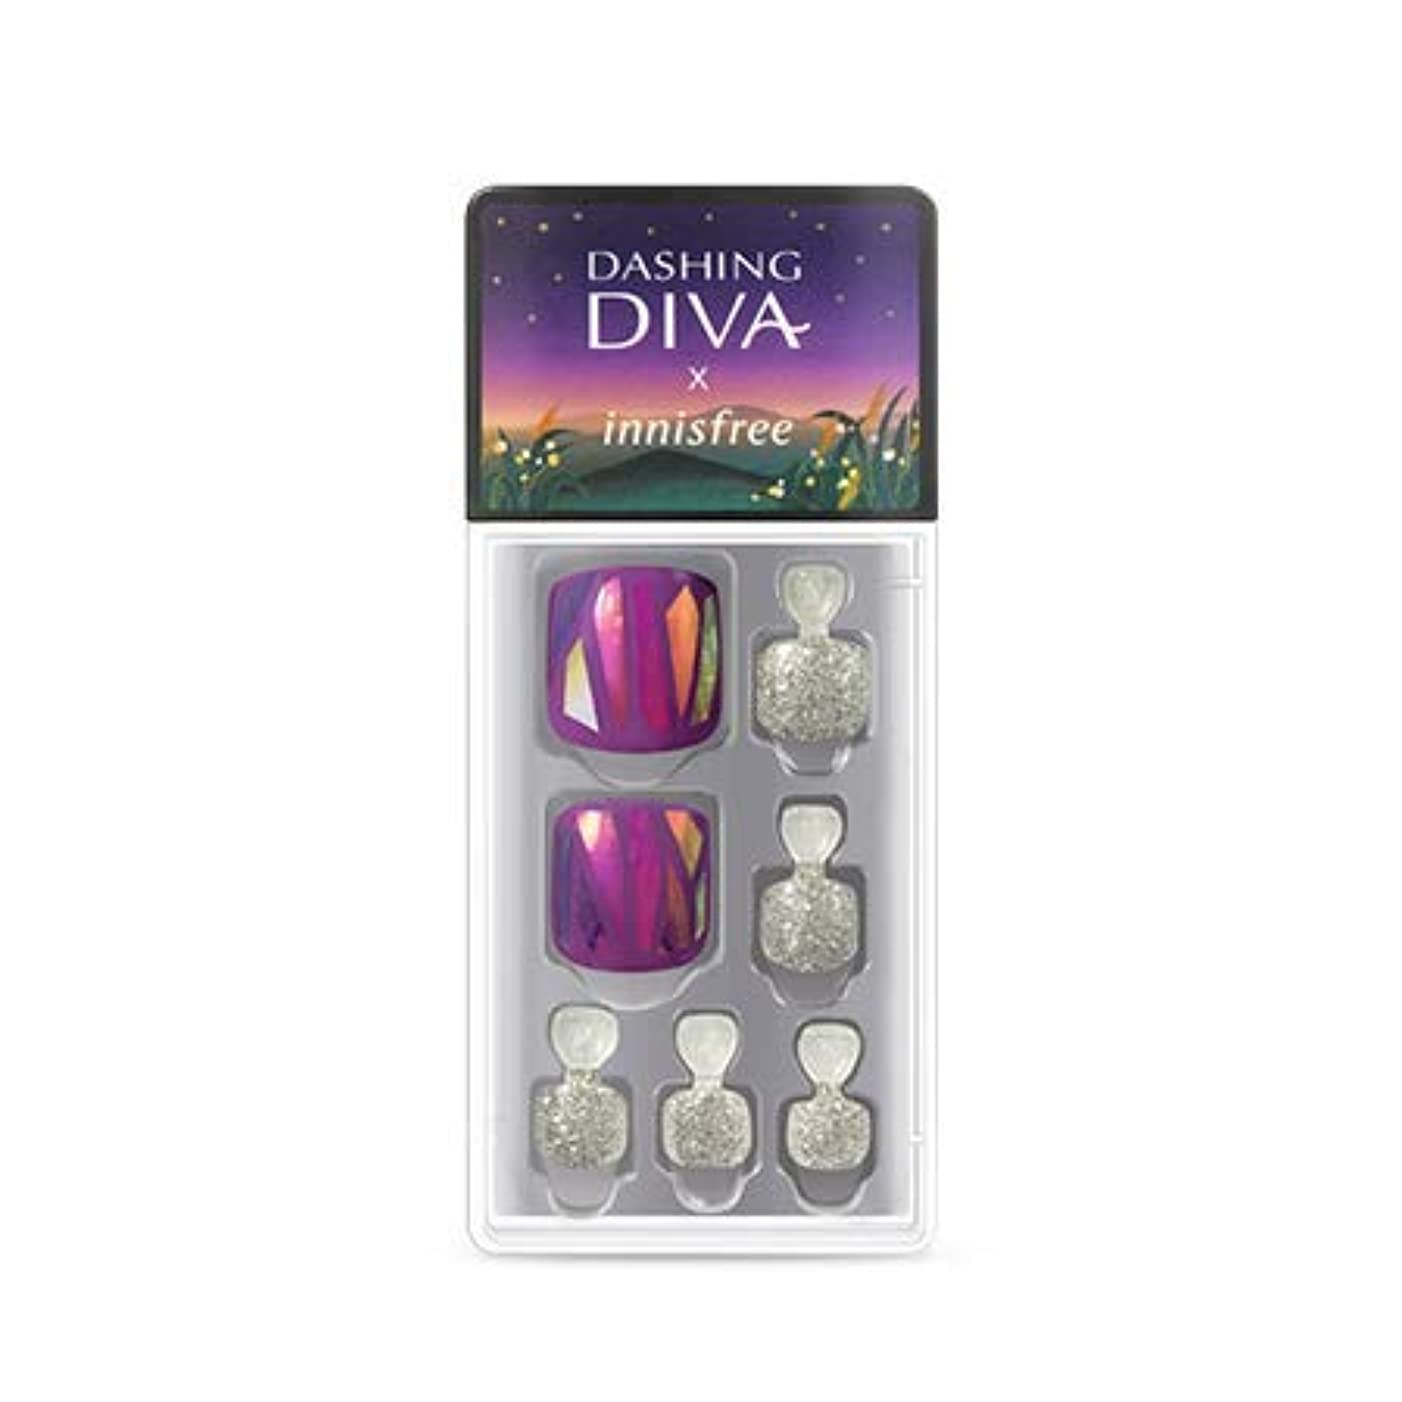 試験省略報告書イニスフリー ダッシングディバ マジックプレス スリム フィット innisfree Dashing Diva Magic Press Super Slim Fit #29